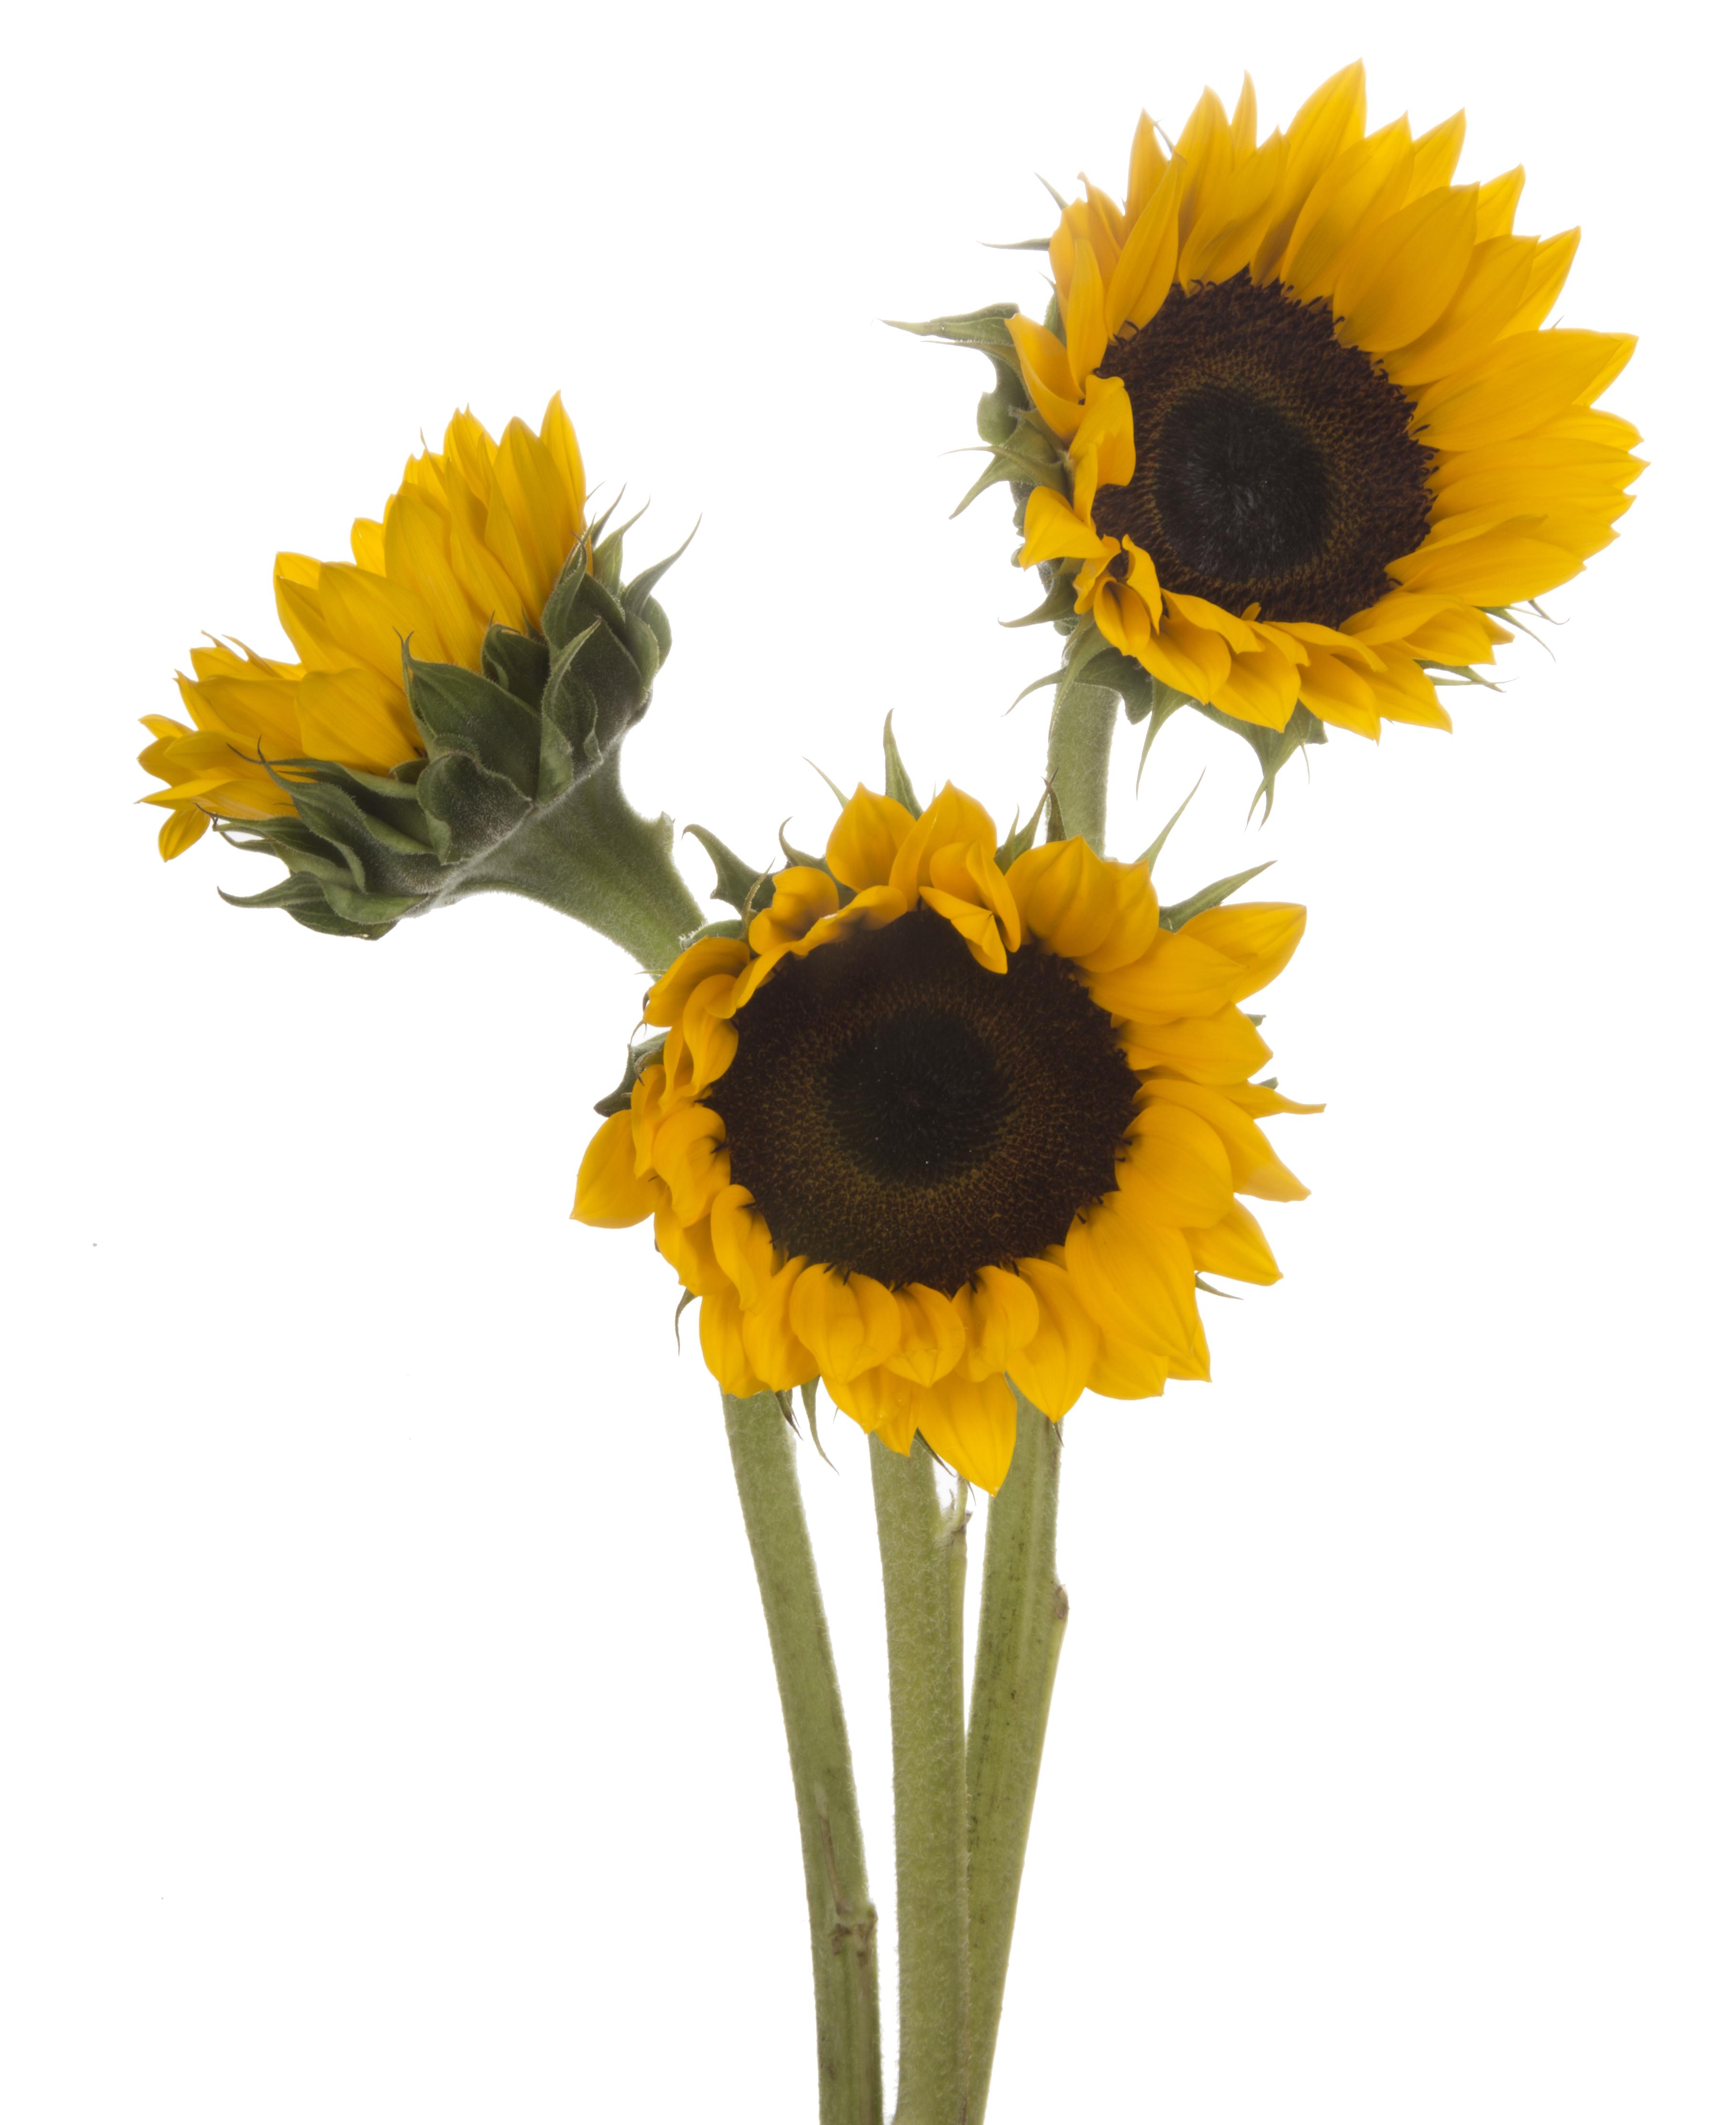 Sunflower - 3 stems